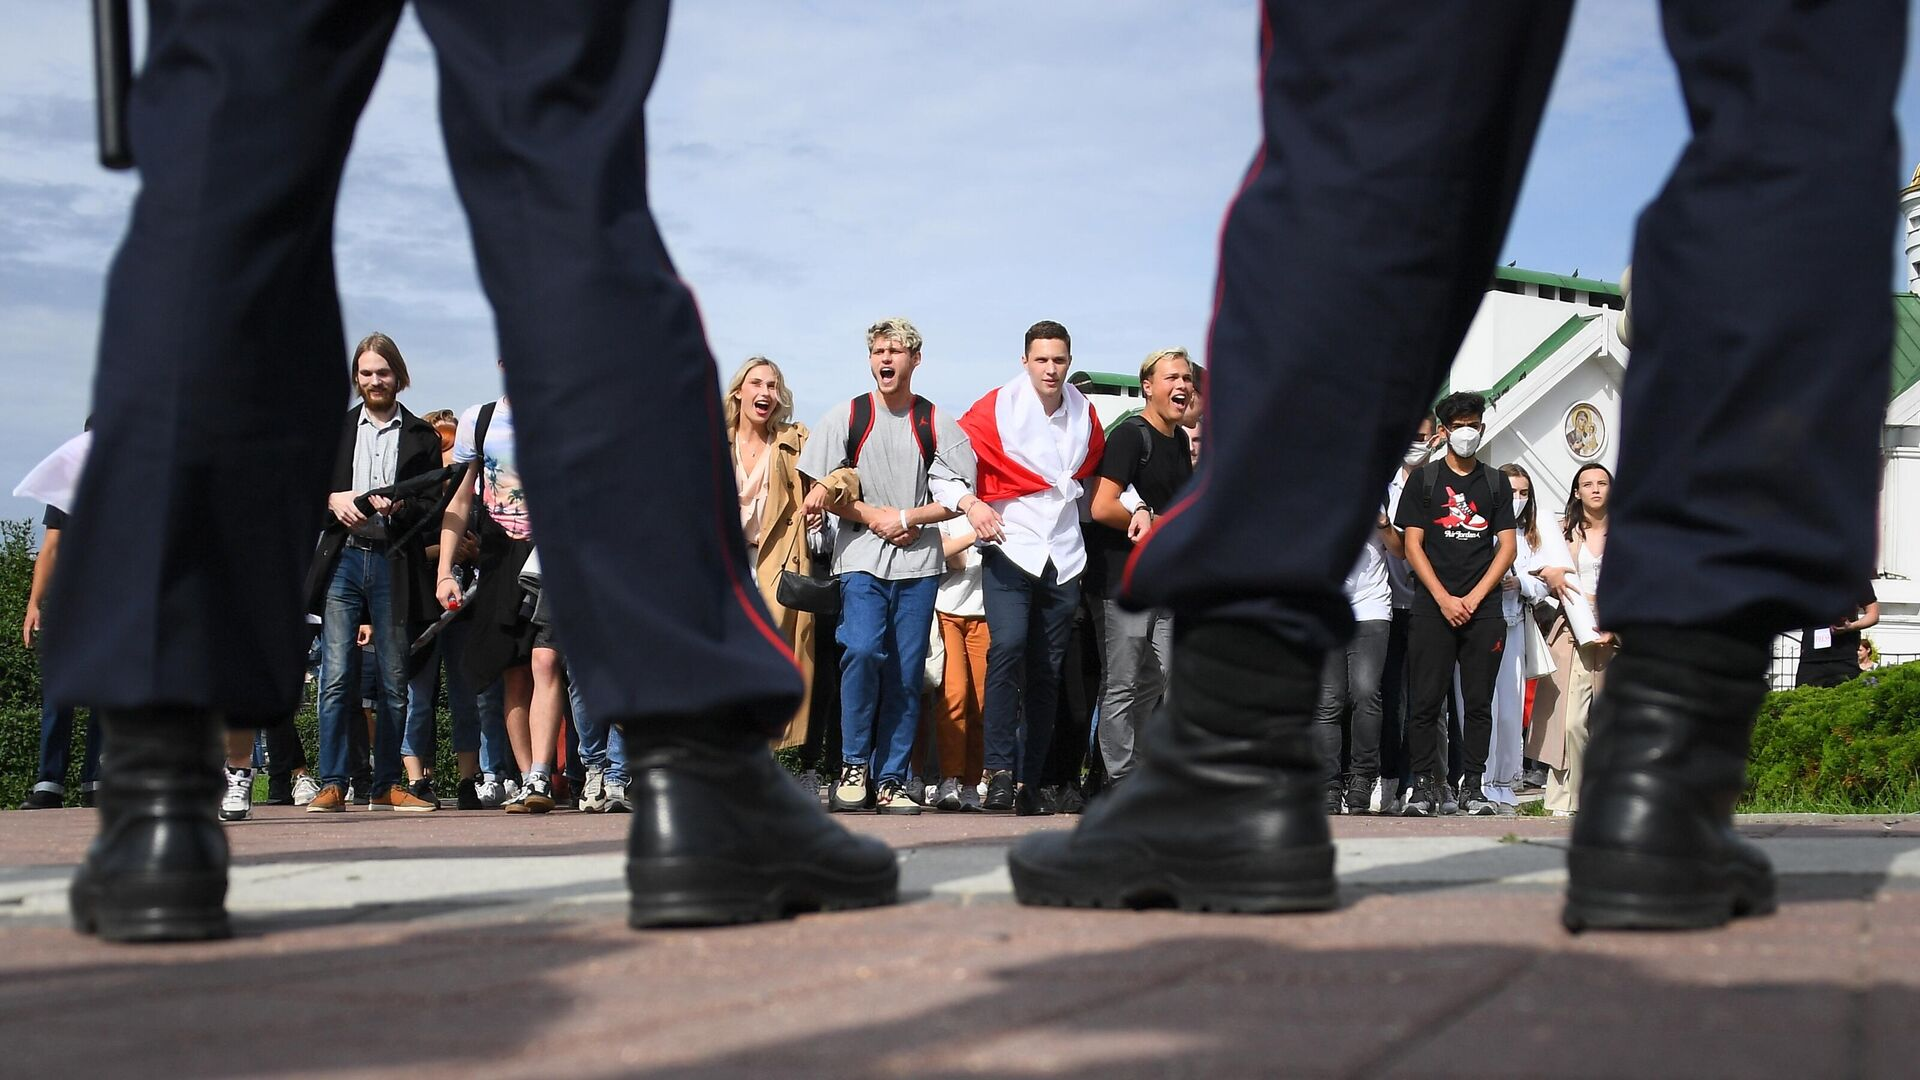 Сотрудники правоохранительных органов и участники студенческой акции протеста в Минске - РИА Новости, 1920, 06.09.2020